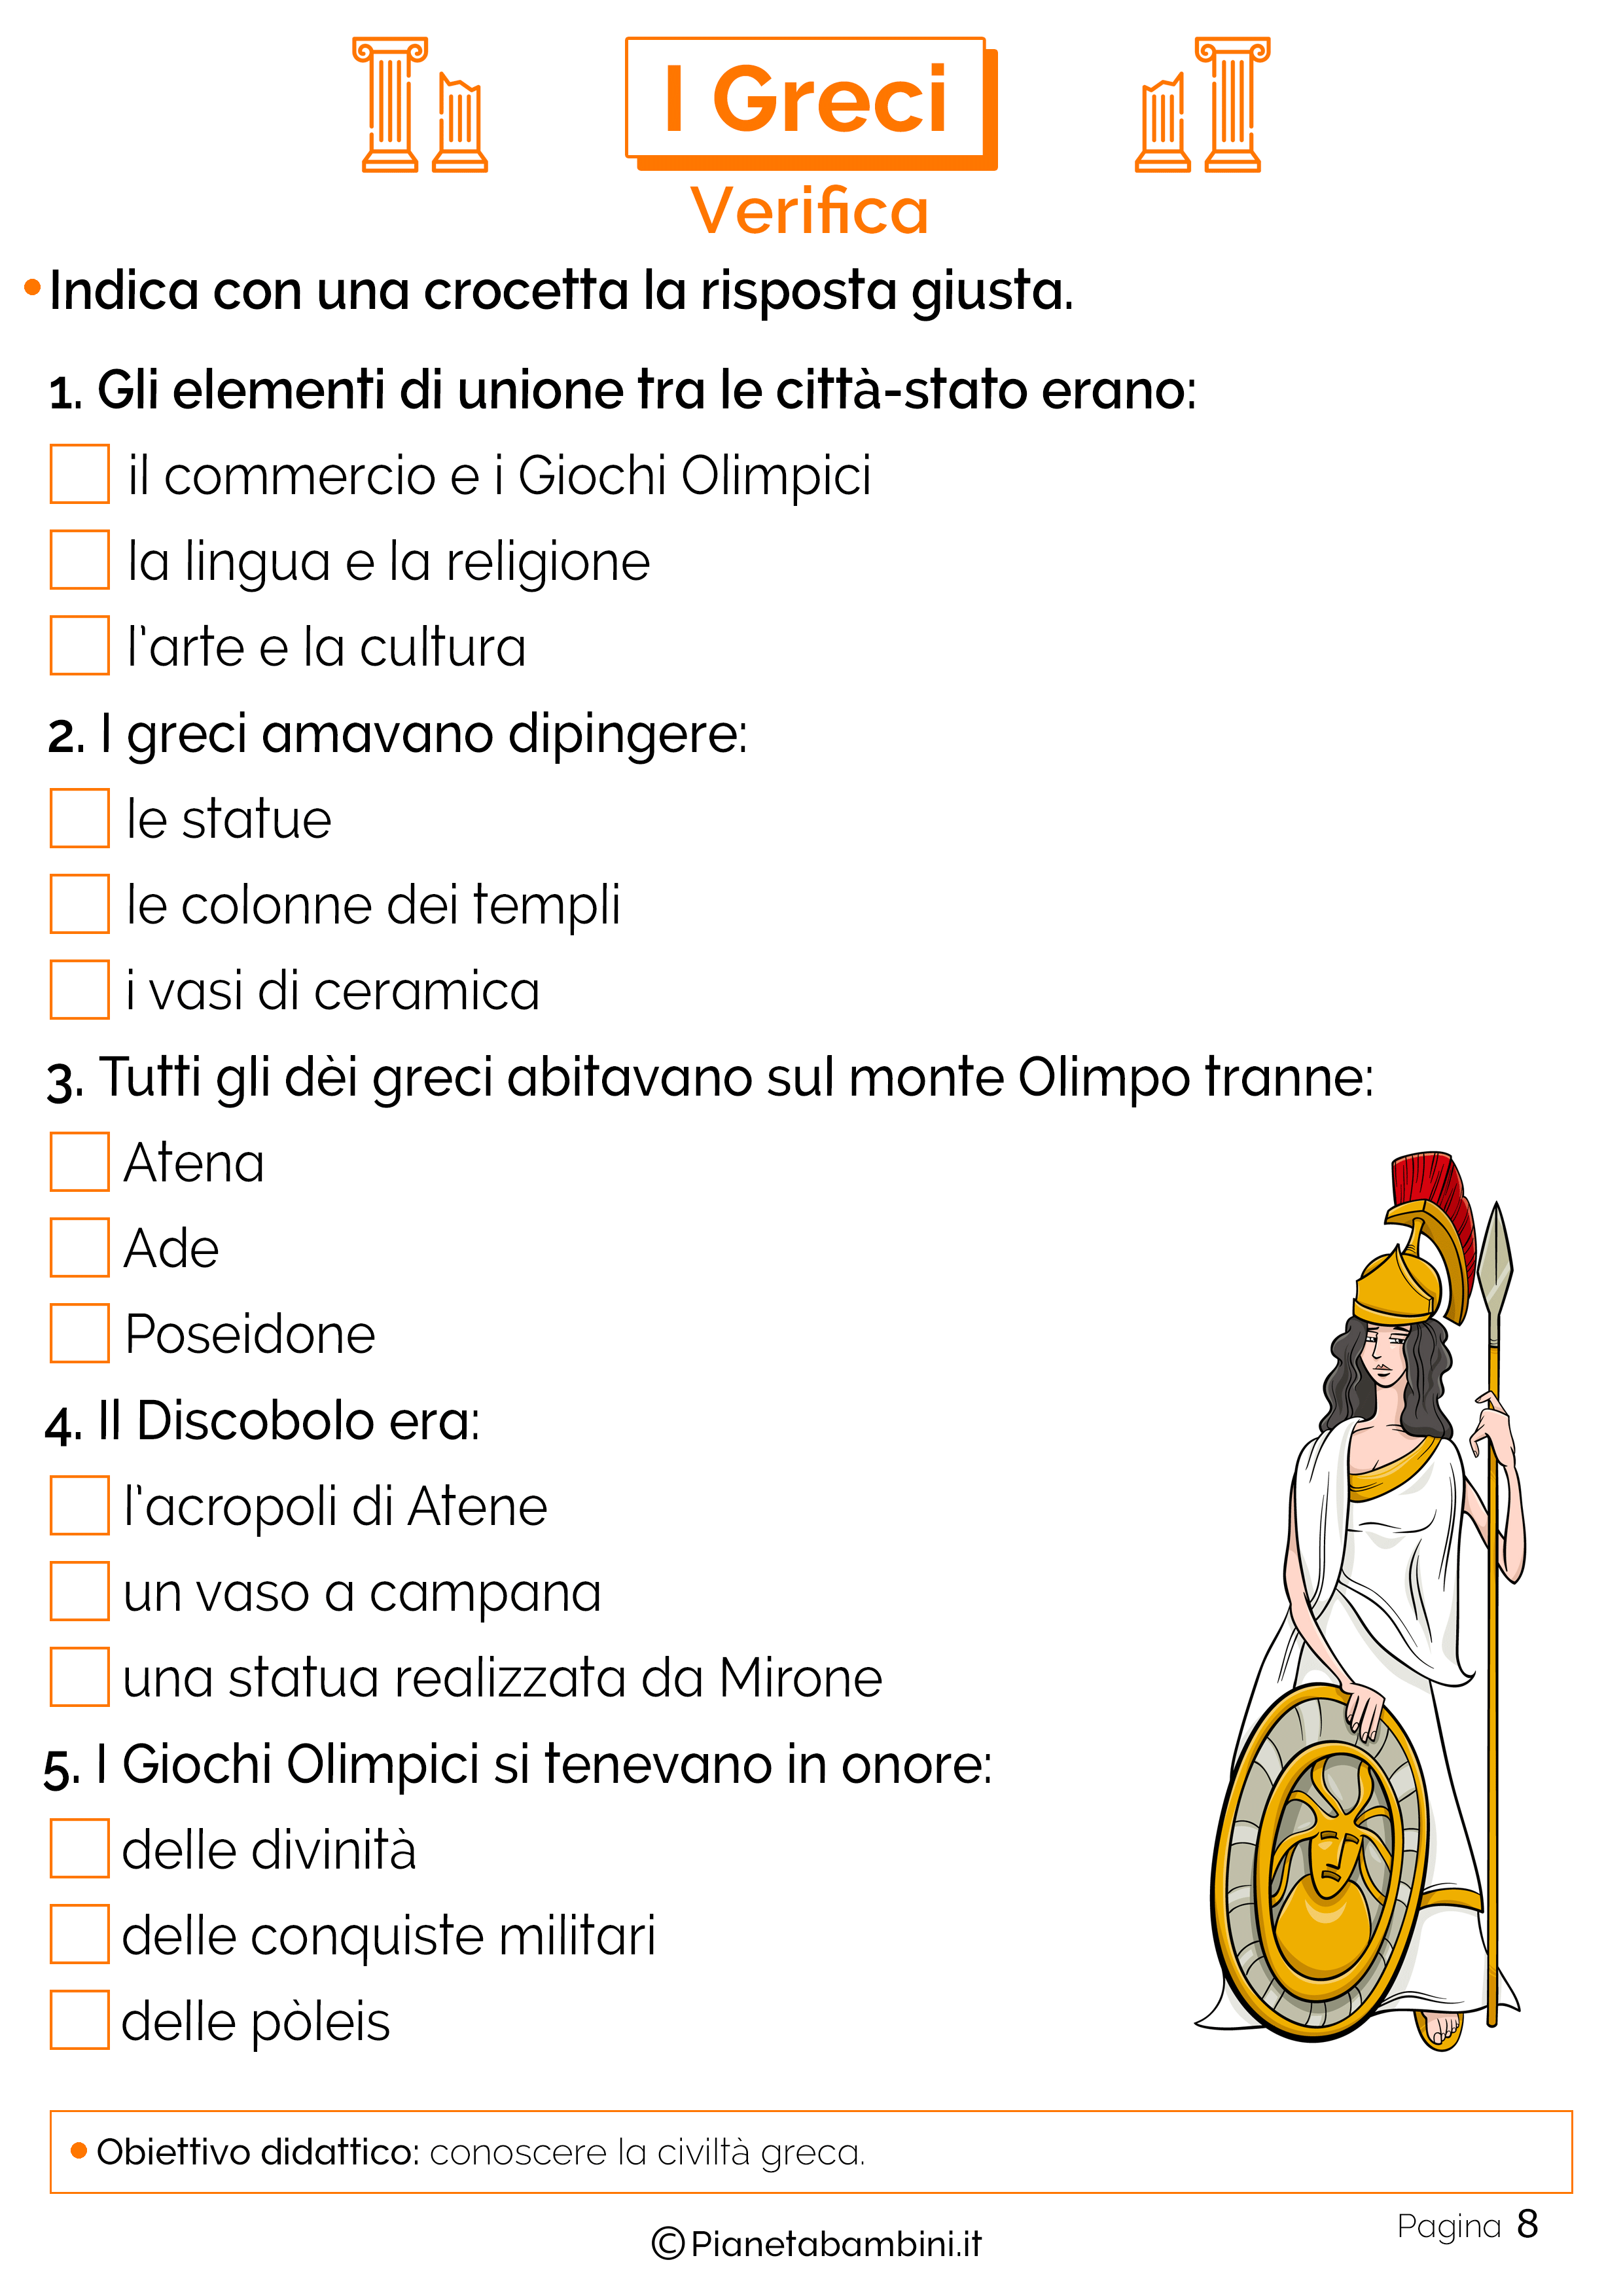 Verifica sui greci